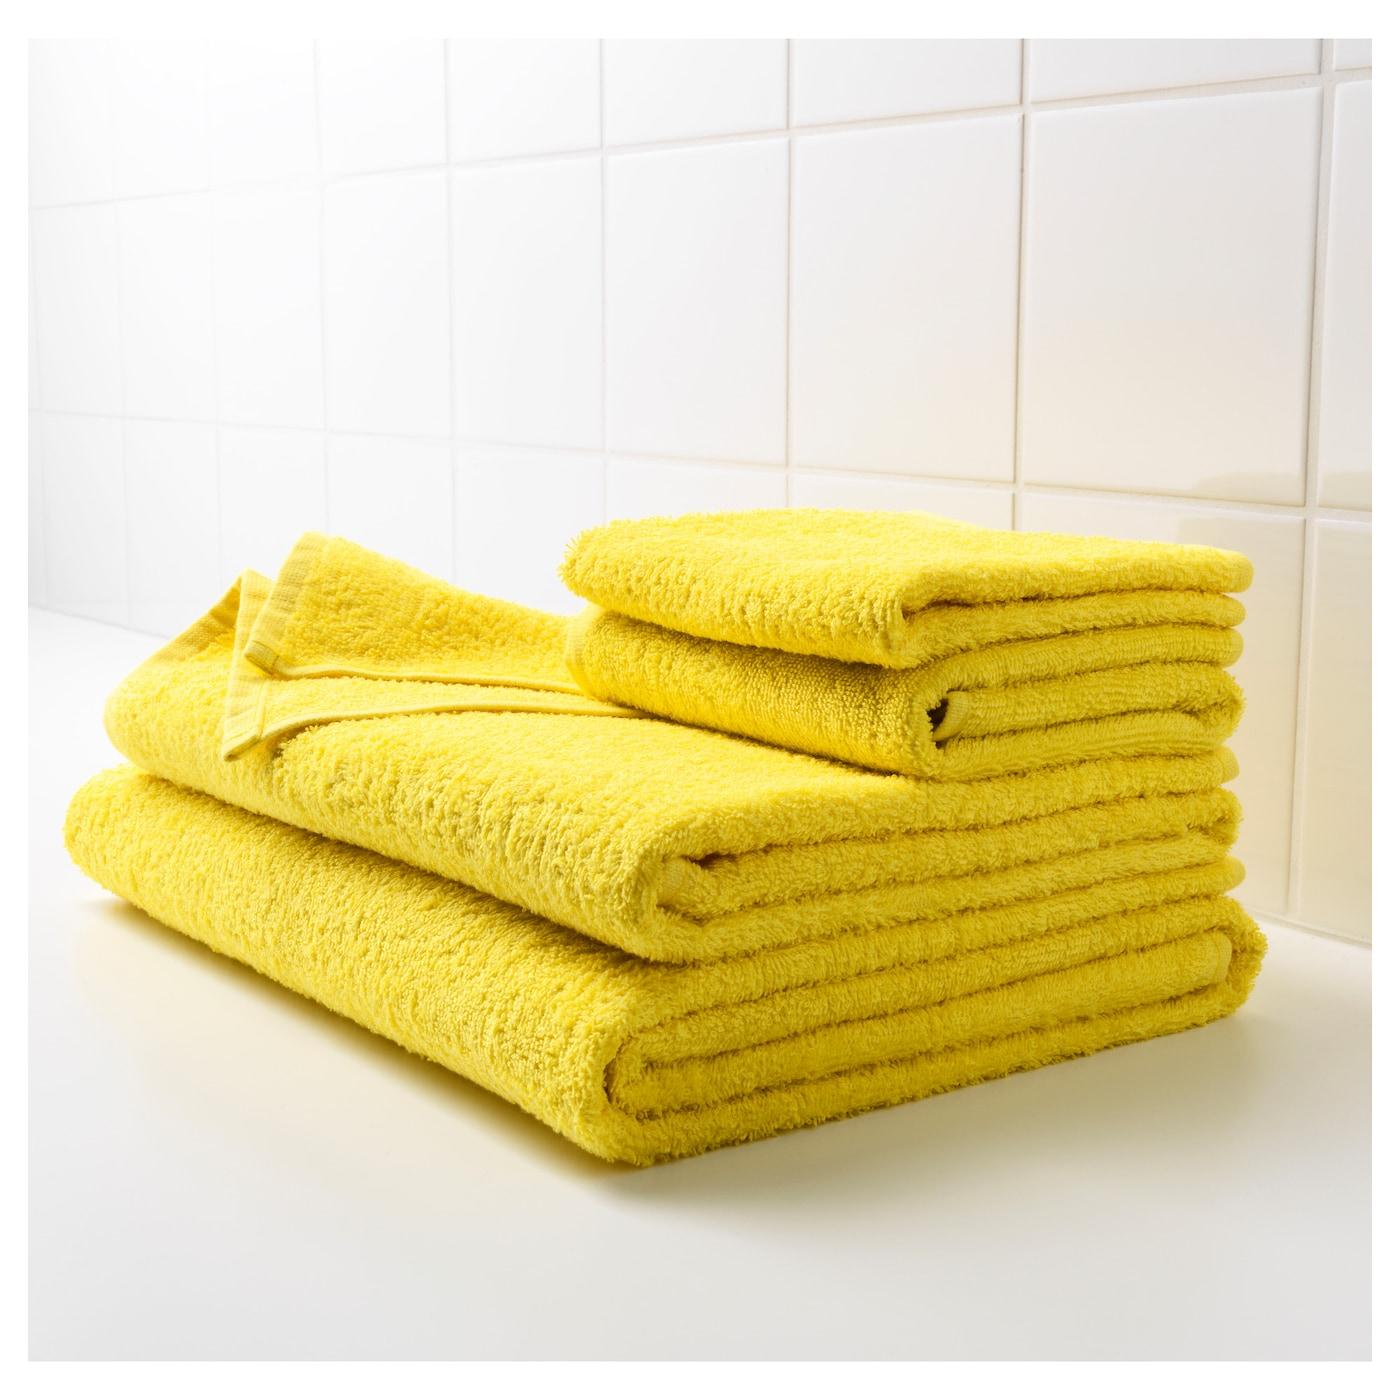 H ren bath towel bright yellow 70x140 cm ikea for Yellow rugs ikea